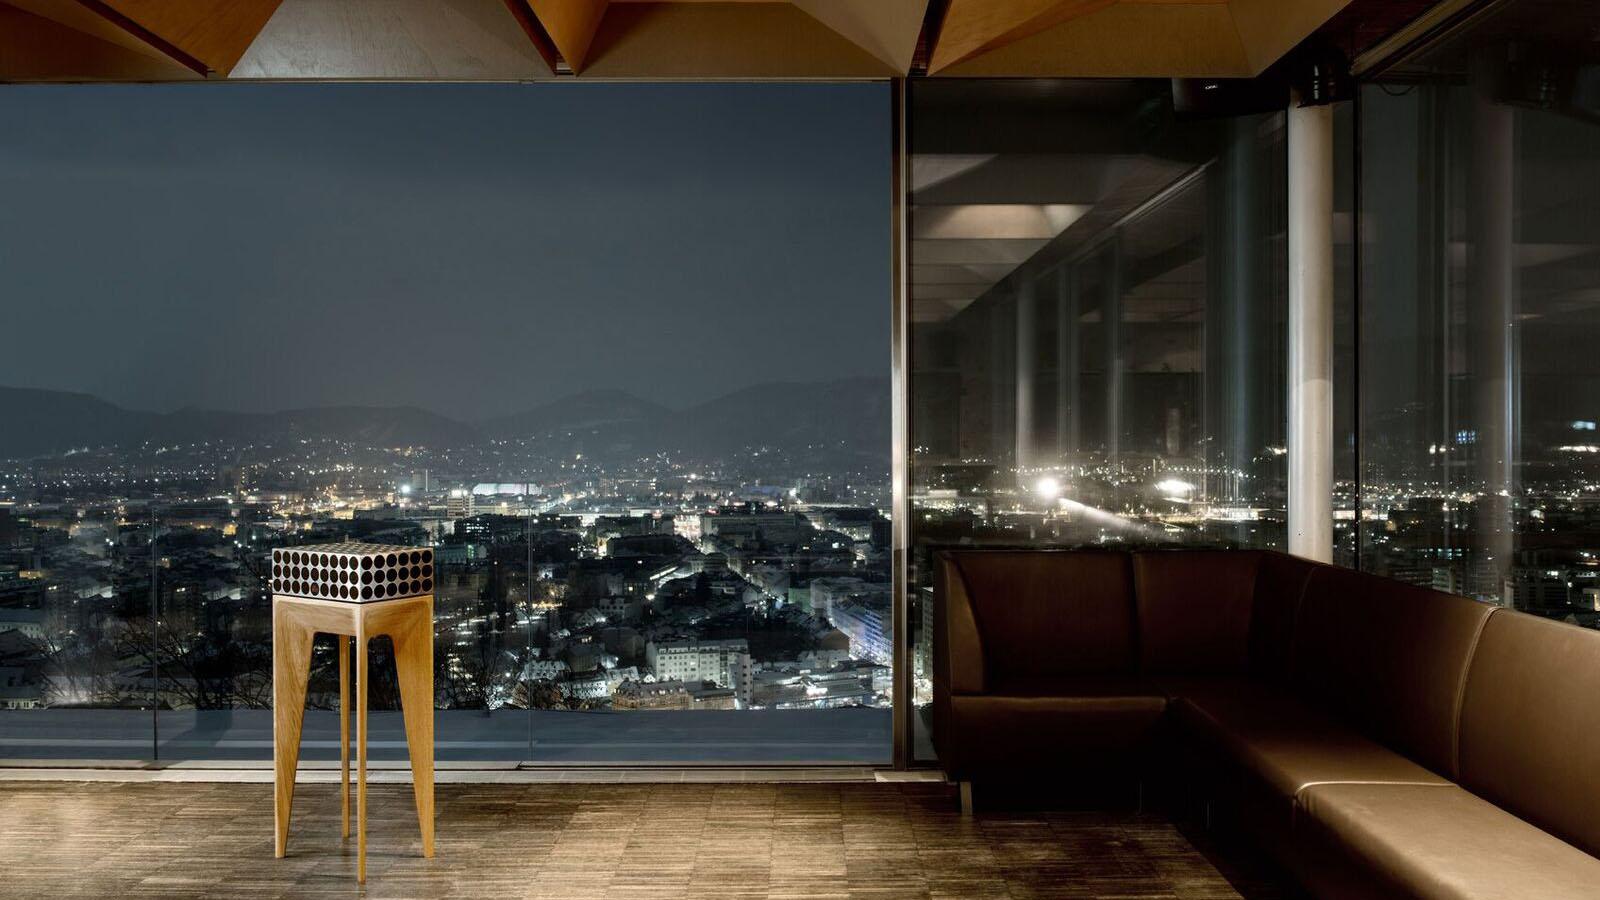 Pandoretta Lautsprecher vor einem Fenster mit Blick auf eine Stadt im Dunkeln